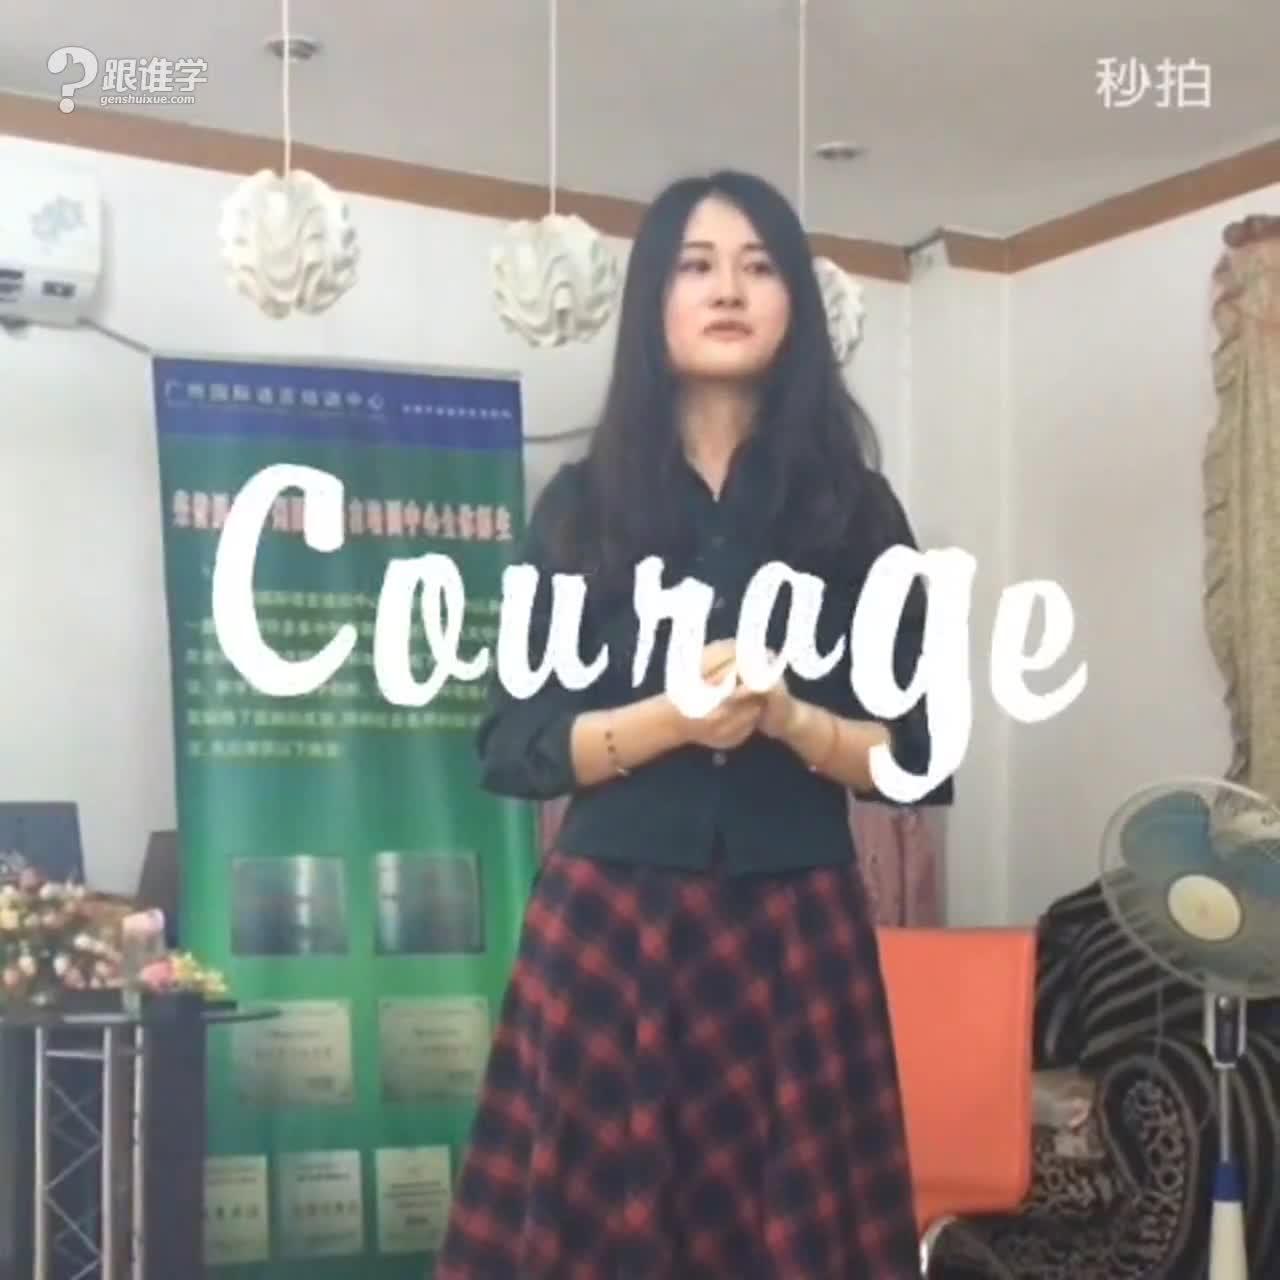 广州国际语言培训中心  视频